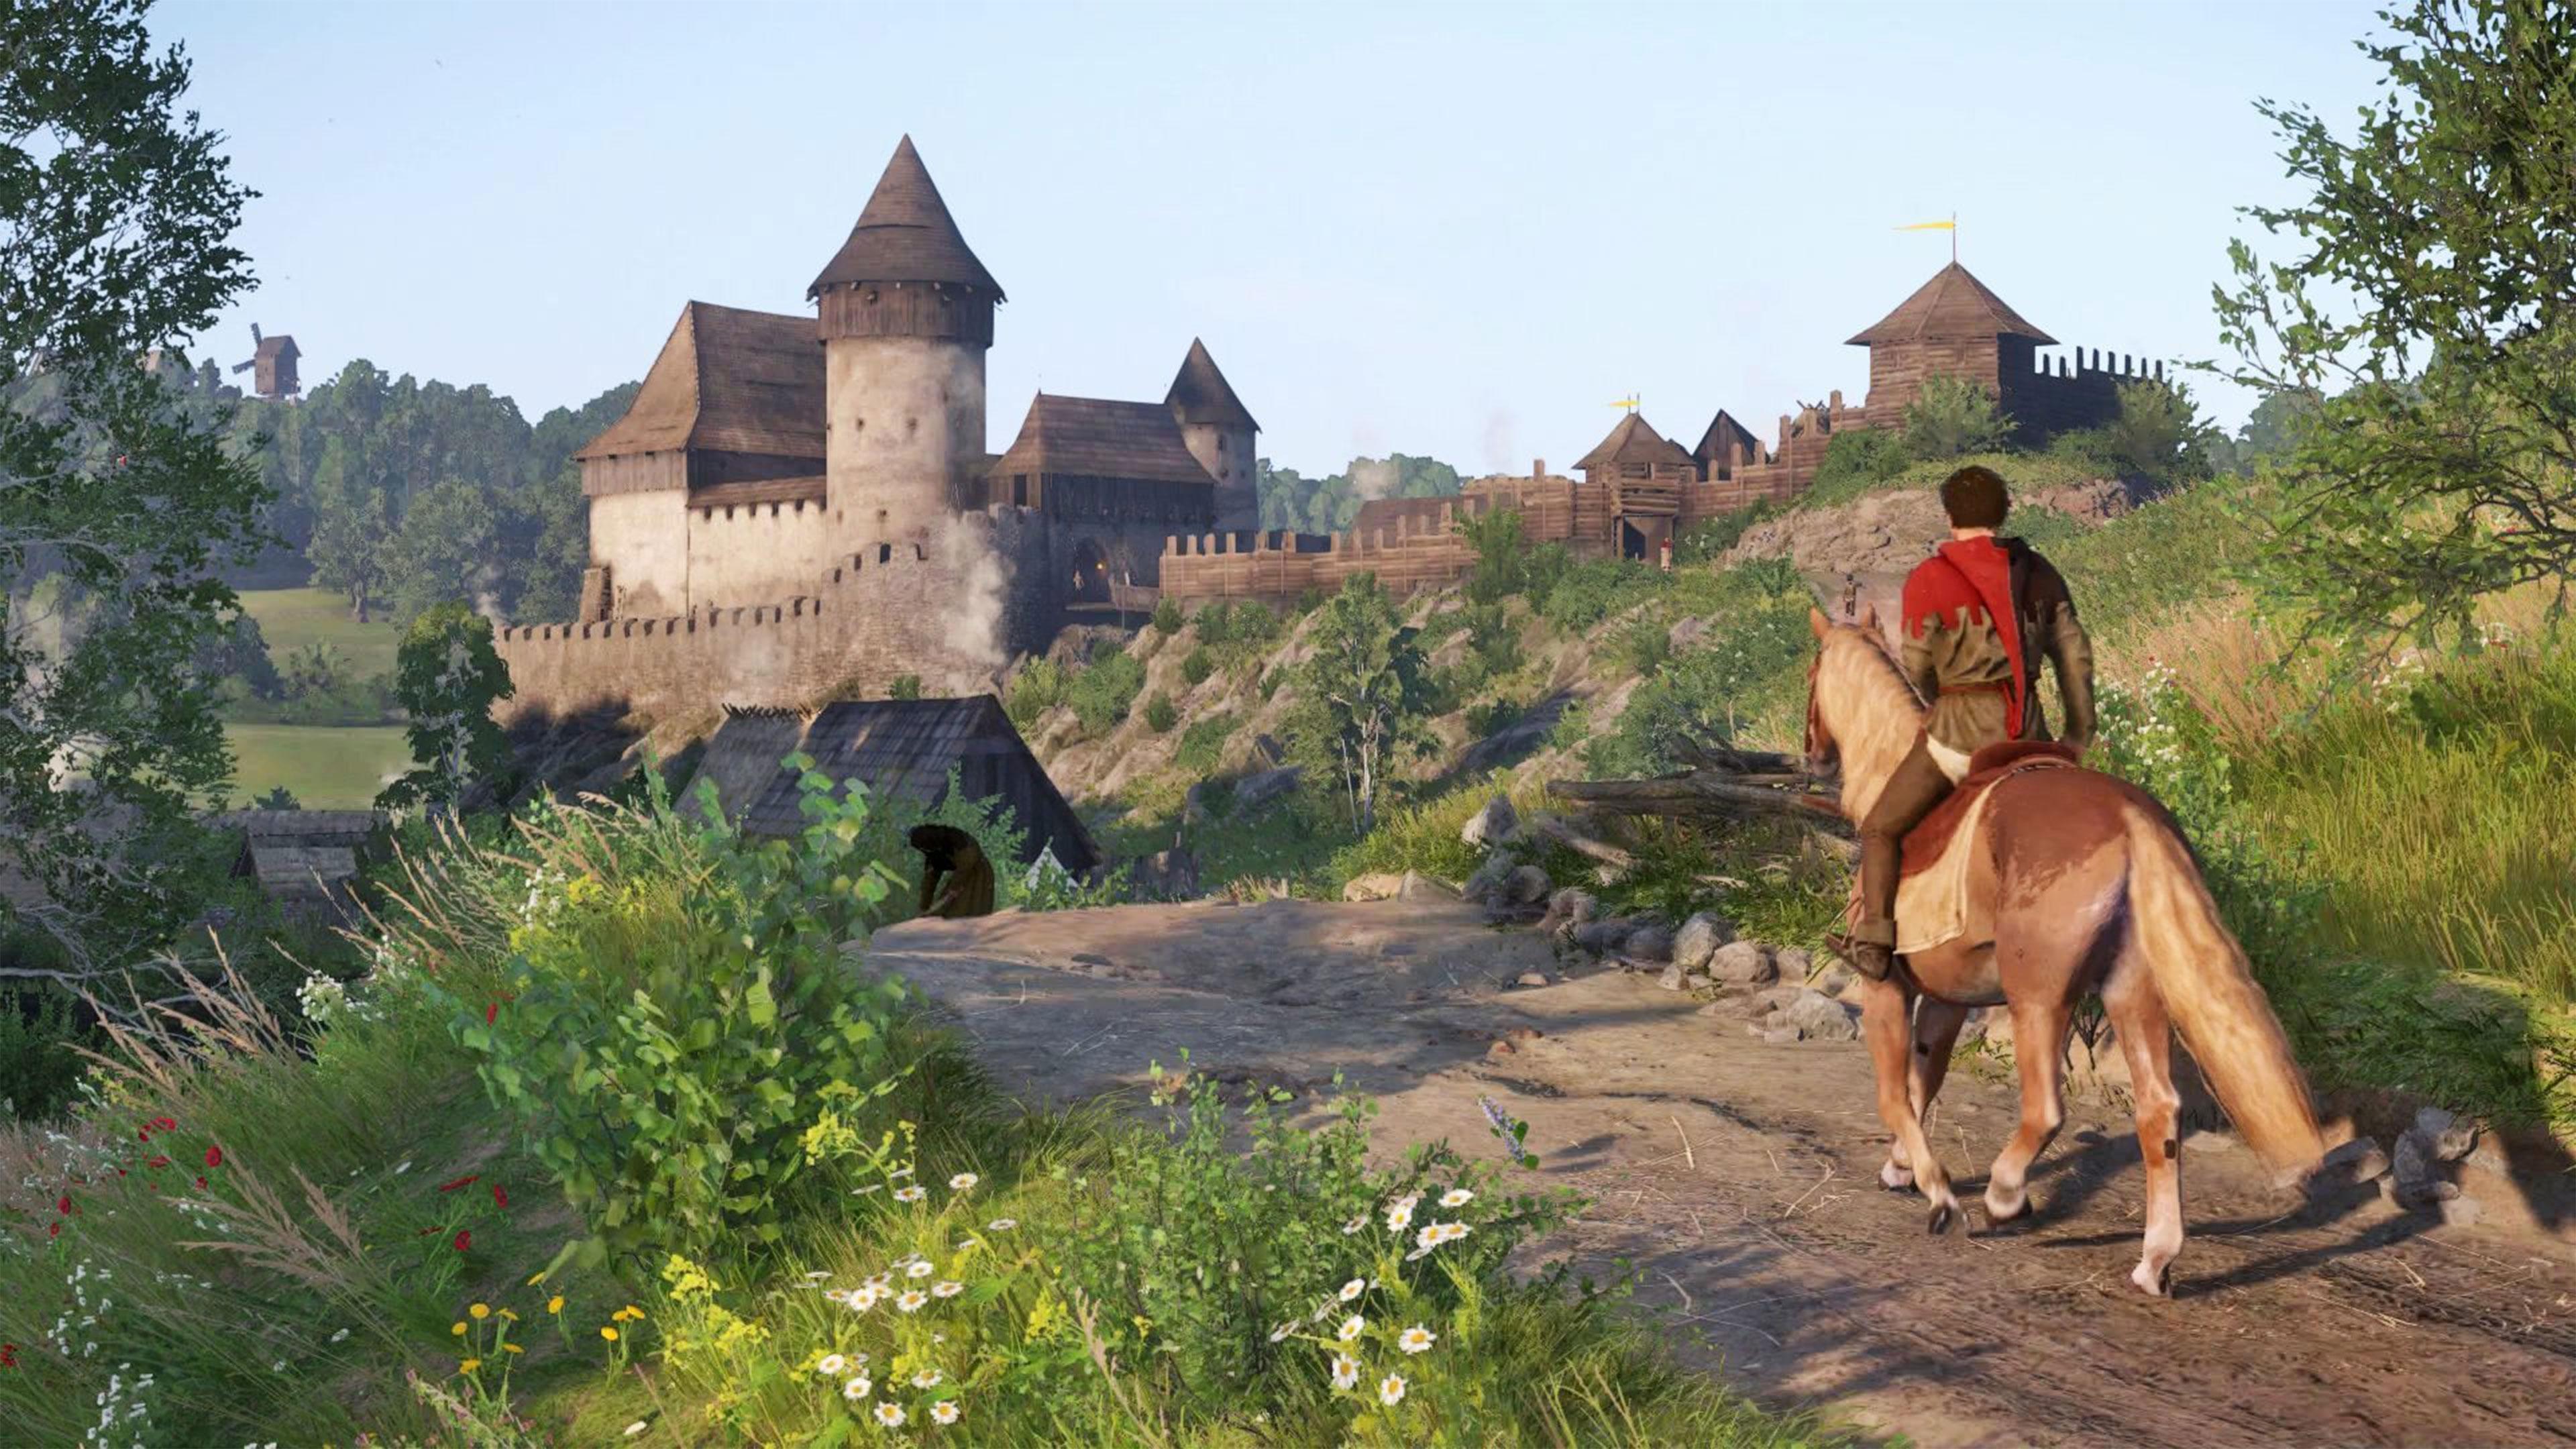 Kingdom Come Deliverance Wallpapers in Ultra HD 4K   Gameranx 3840x2160